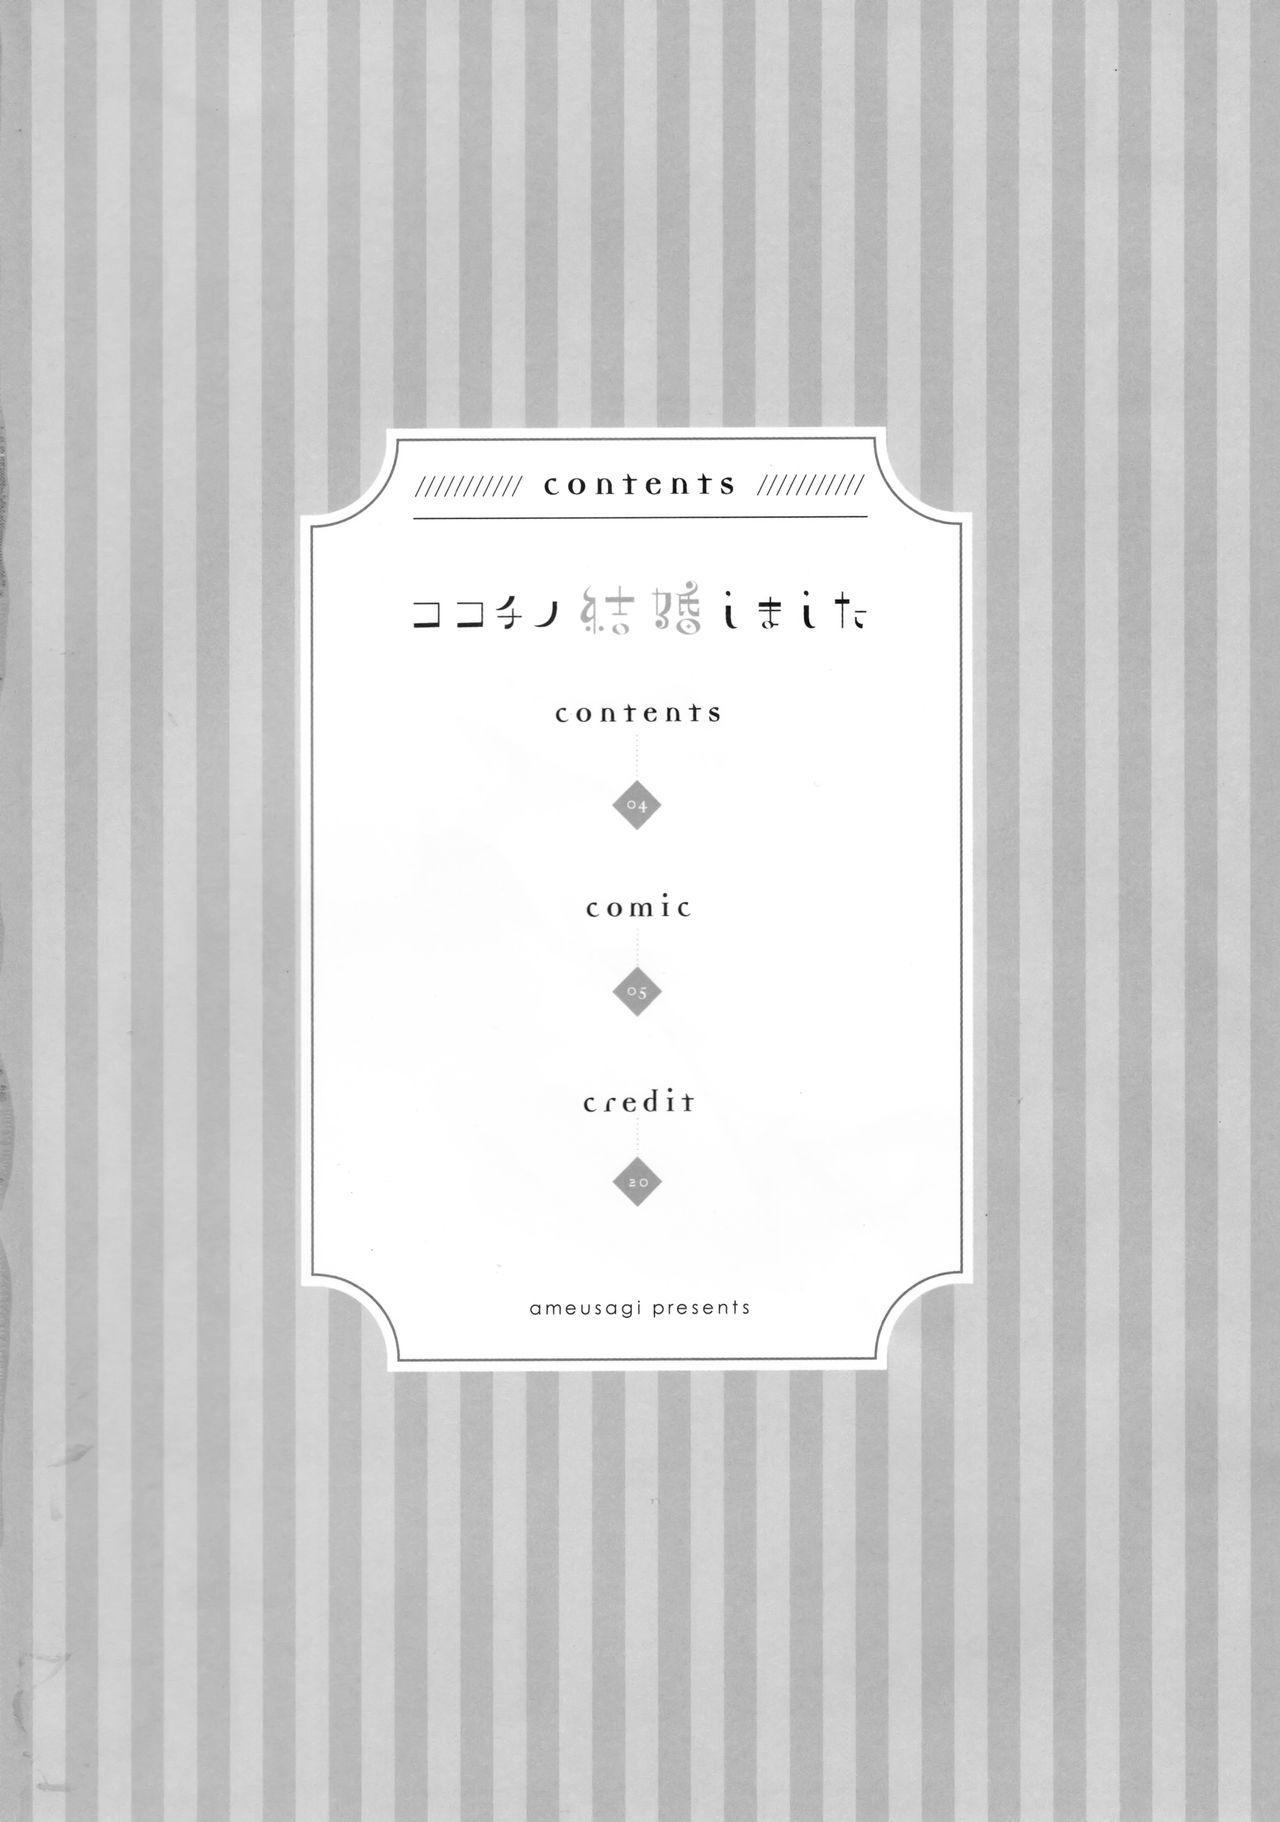 Koko Chino Kekkon Shimashita 3